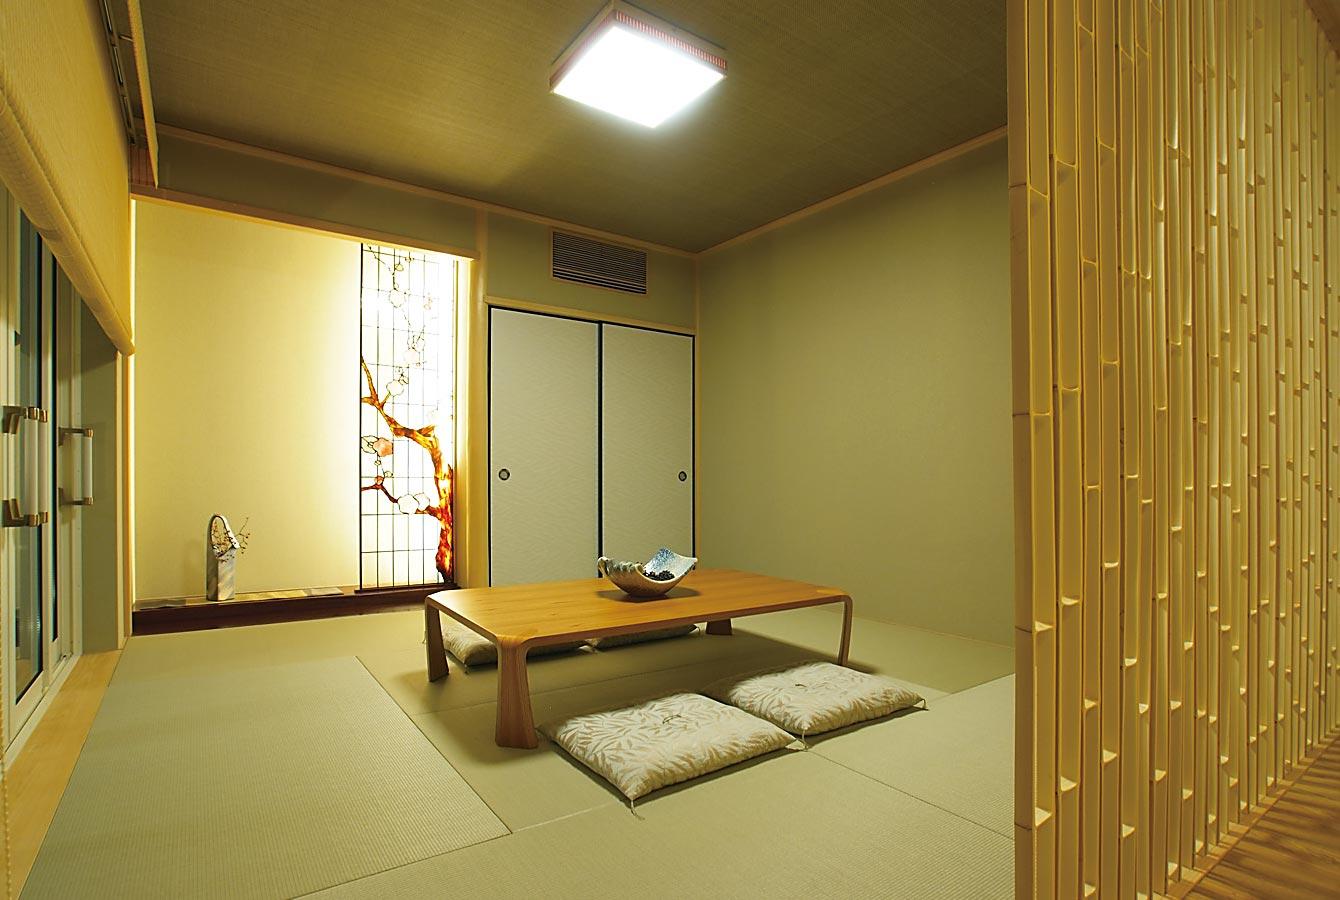 木質系住宅 姫路リバーシティ展示場 内観写真:和室01